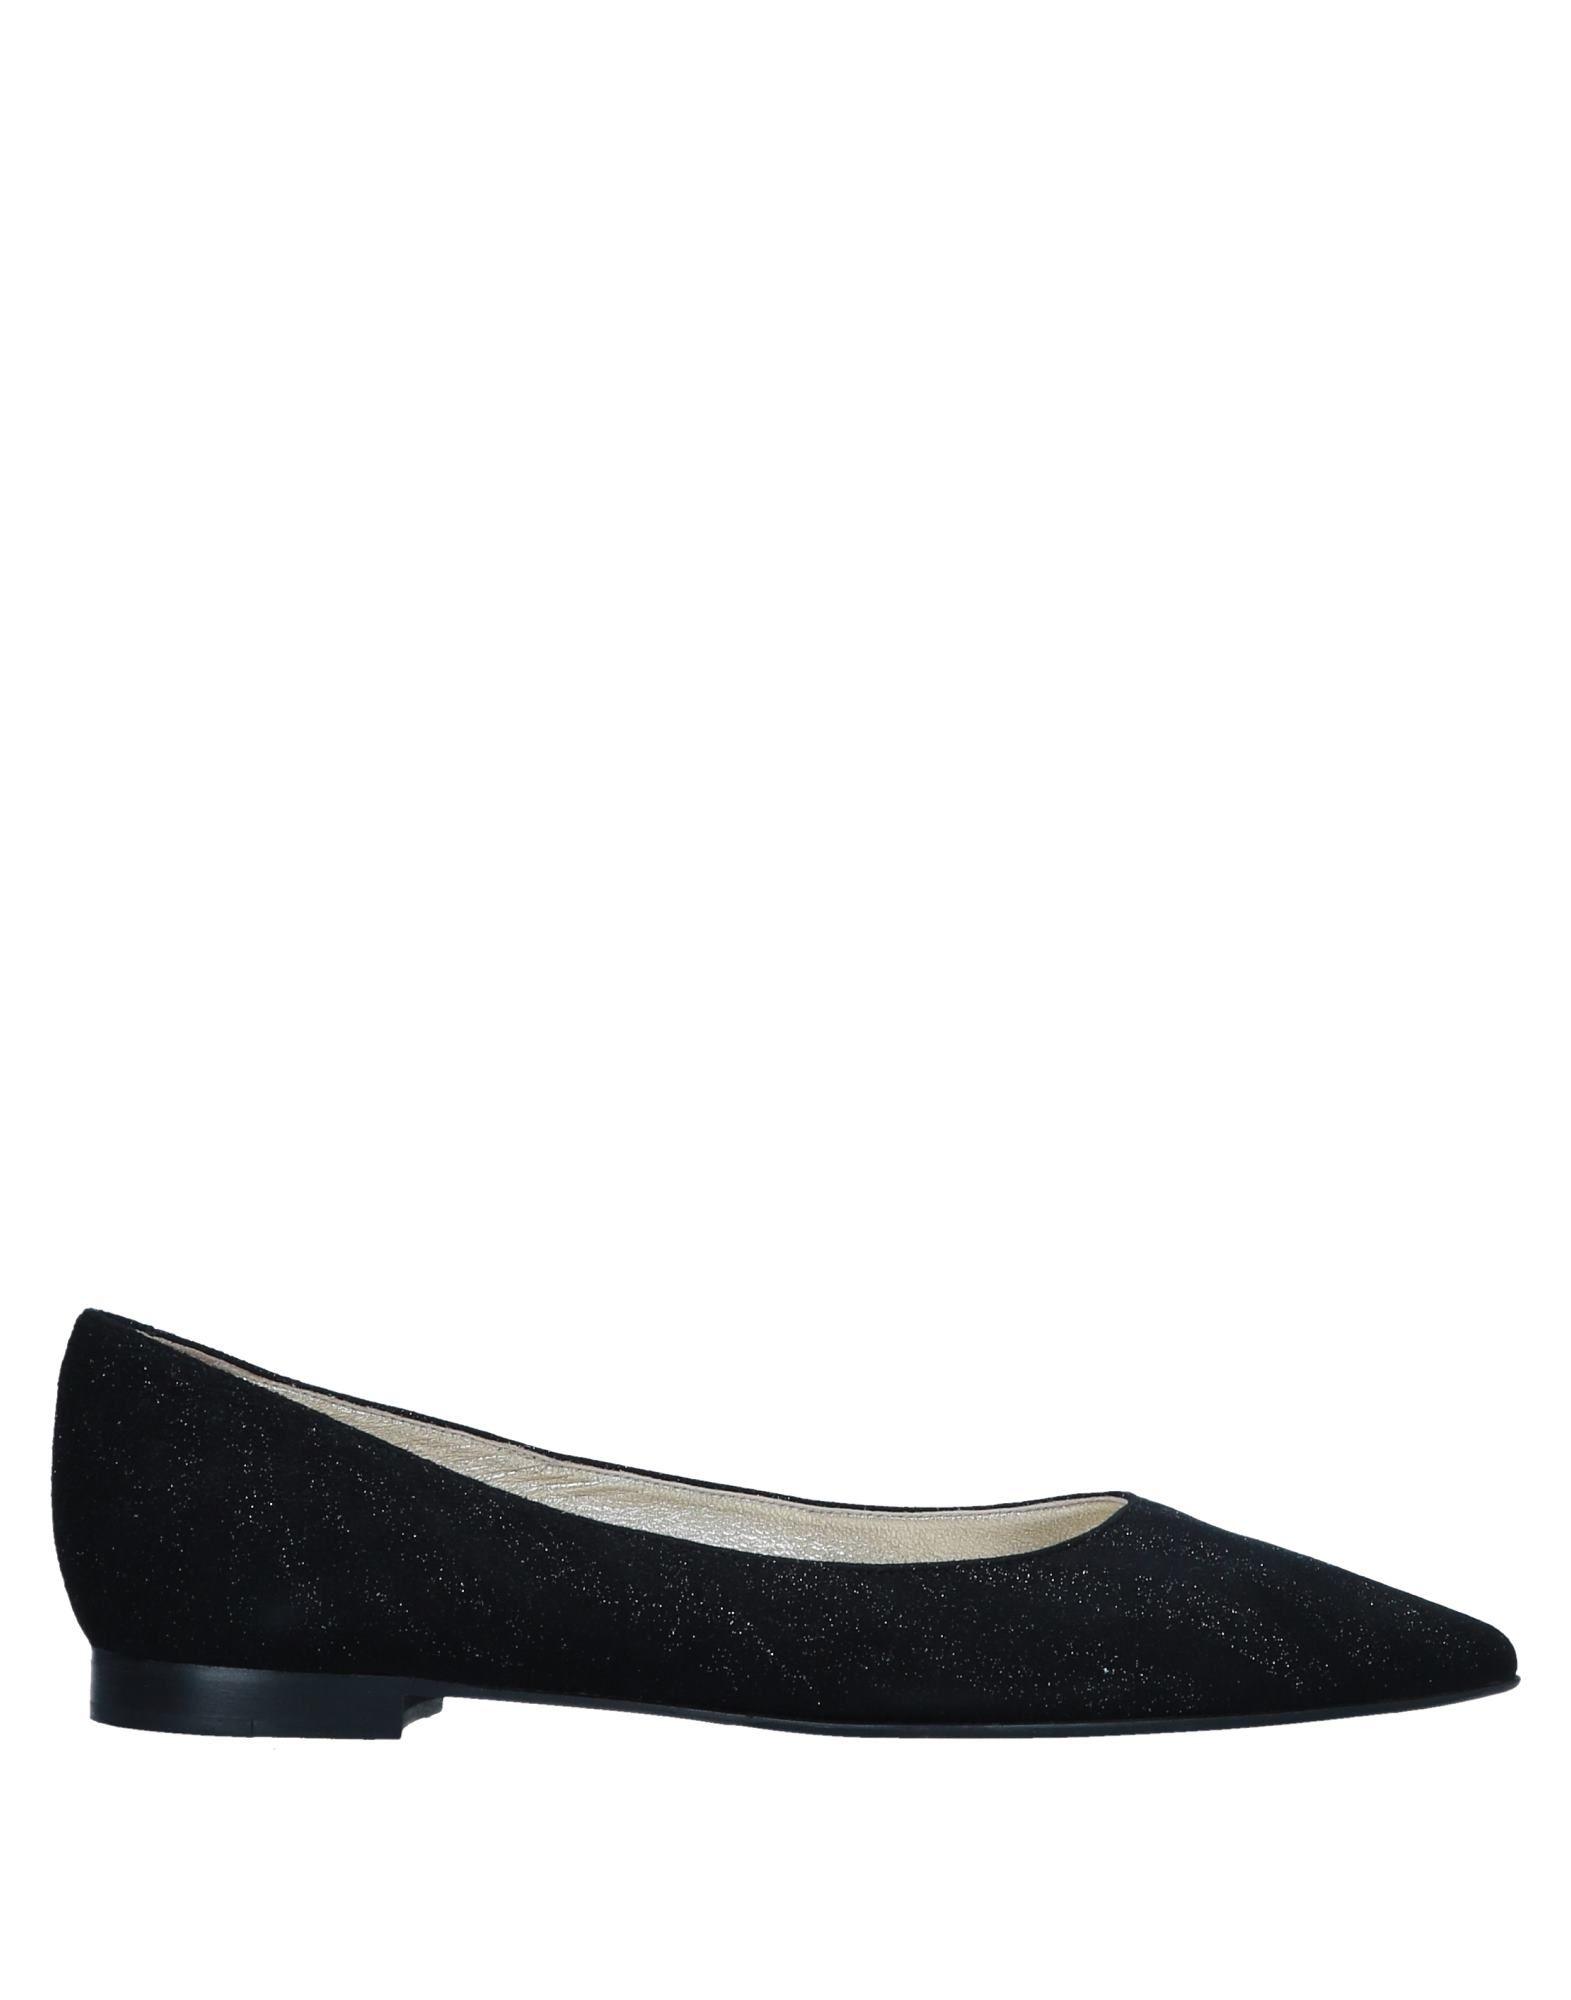 Caiman Ballerinas Damen  11546960OQ Gute Qualität beliebte Schuhe